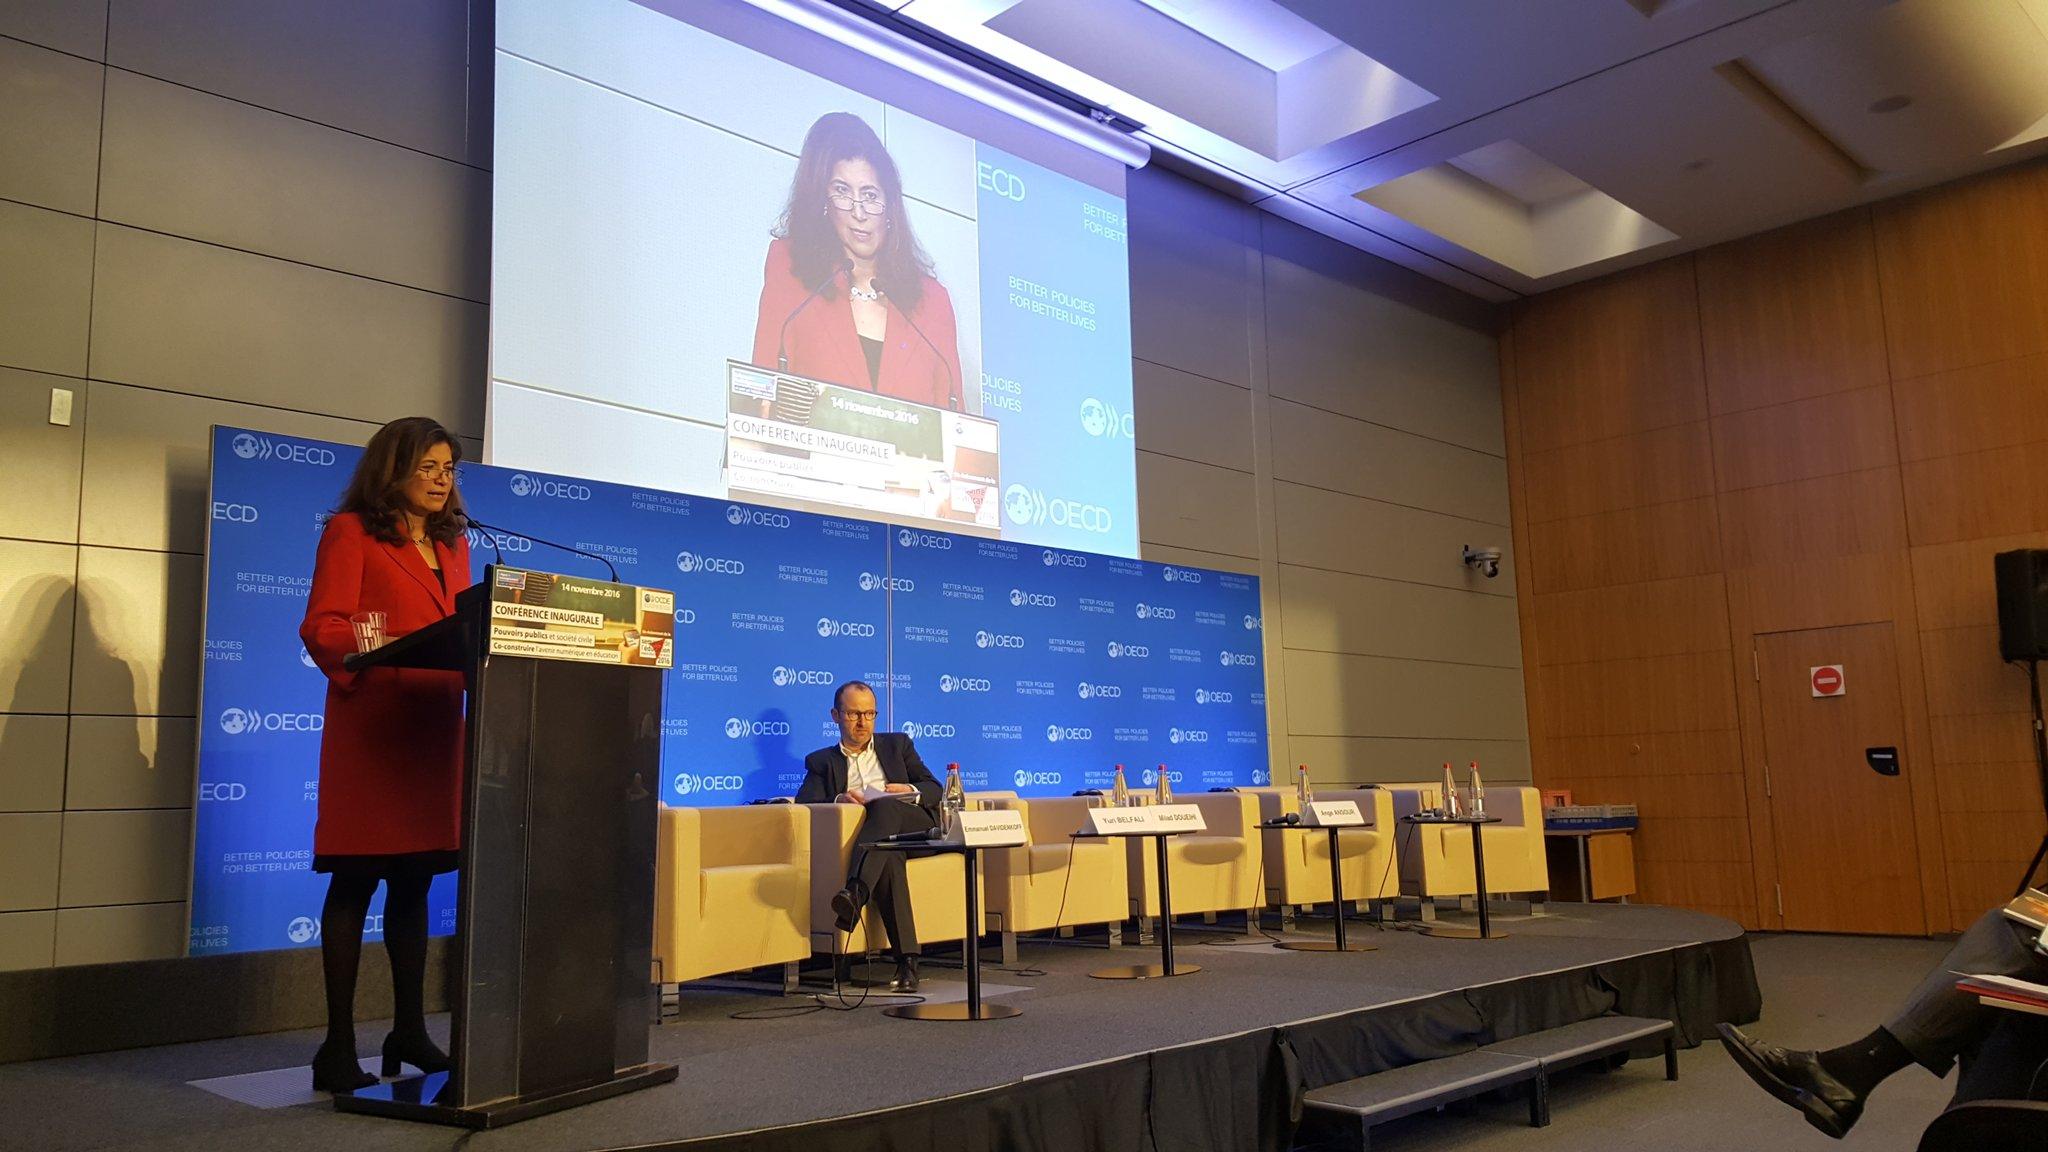 #ParisEdWeek Ouverture de la conférence inaugurale par @gabramosp conseillère spéciale du secrétaire général @OCDE_fr & sherpa auprès du G20 https://t.co/oNOSckCflc